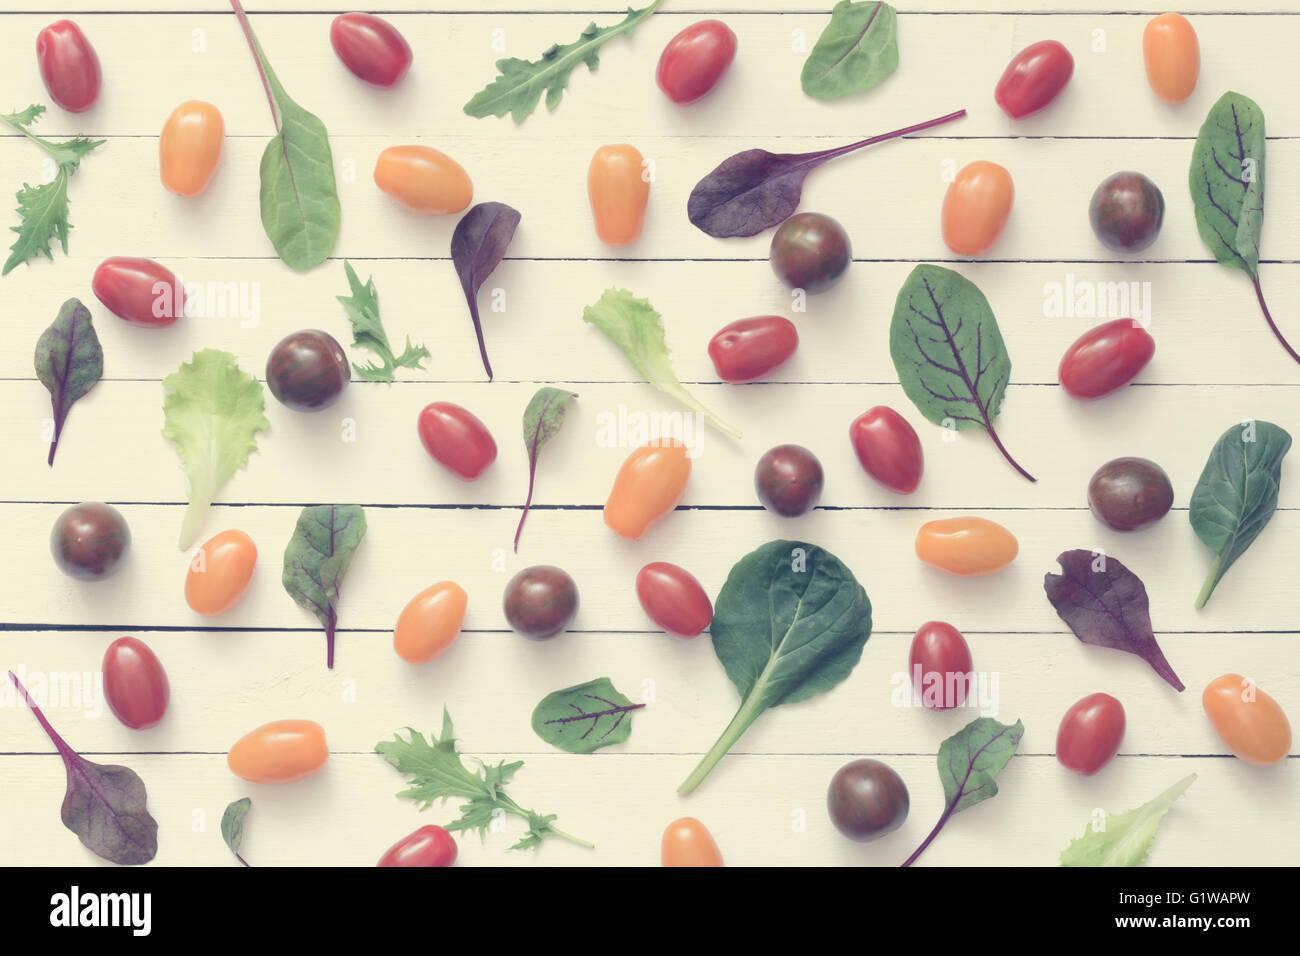 Essen flach zu legen. Muster des frischen Grüns und Gemüse auf weißem Hintergrund aus Holz. Gesunde Stockbild